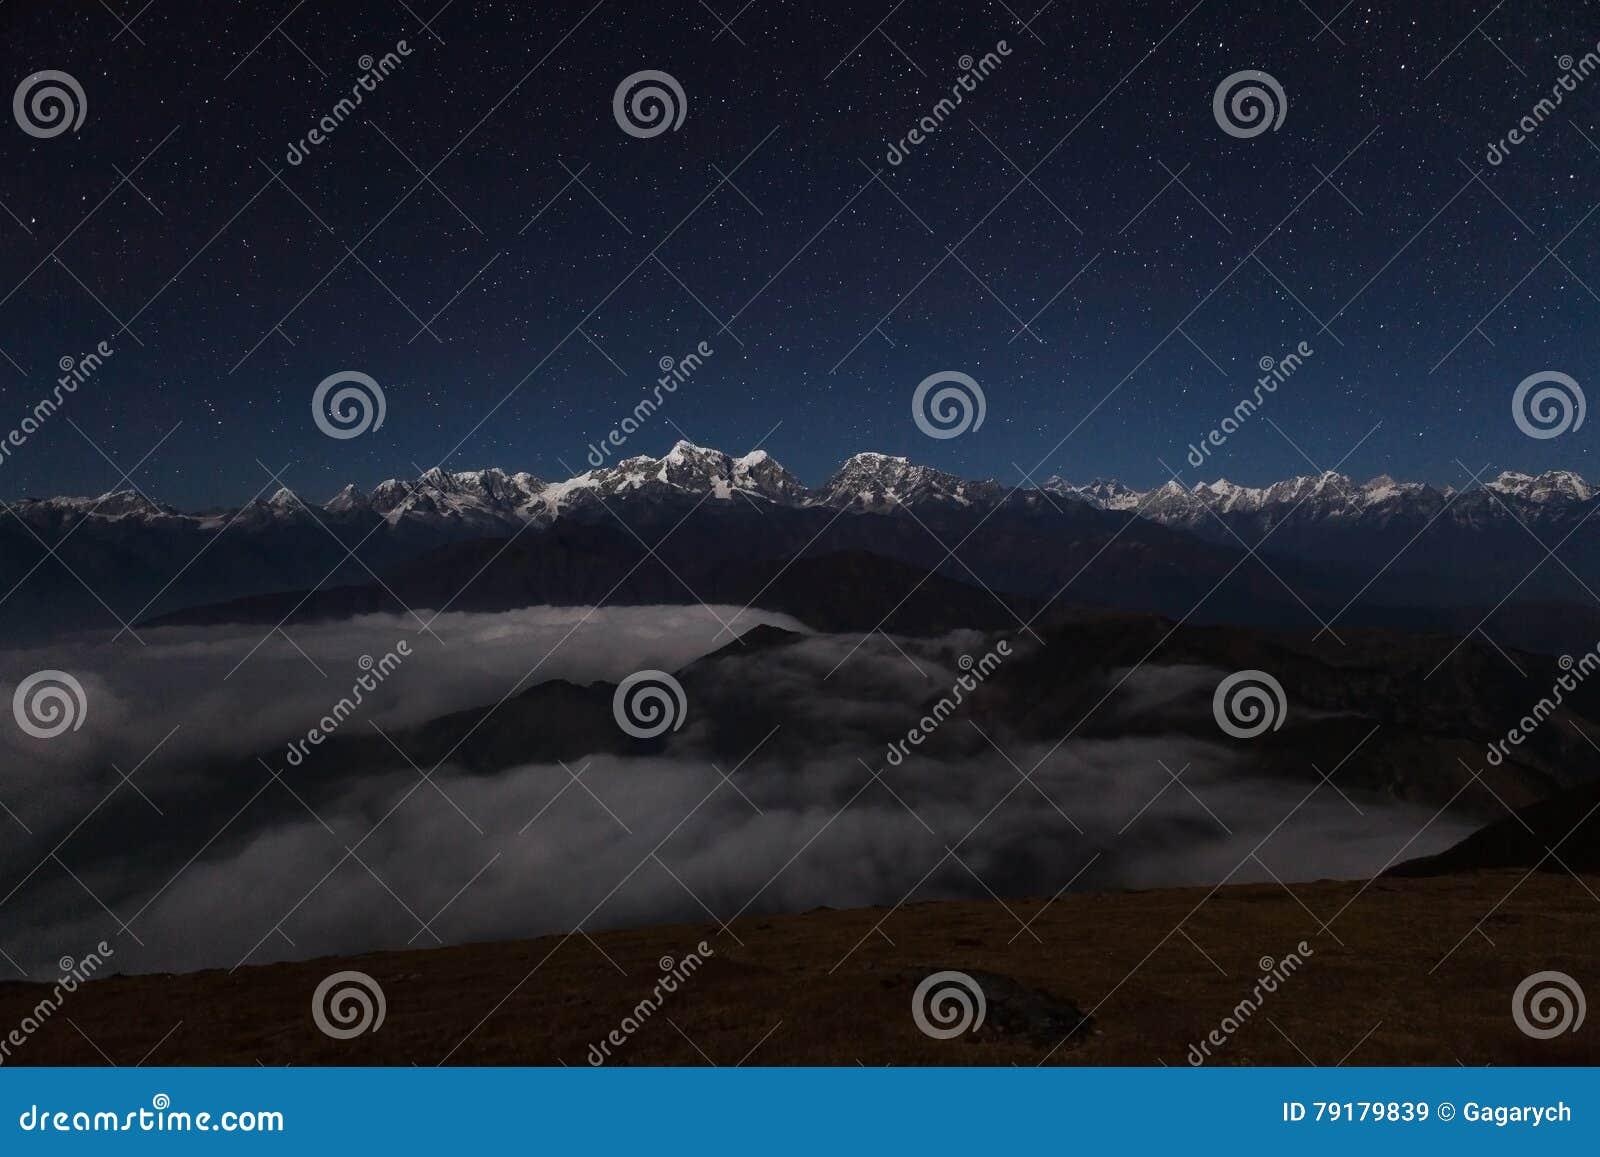 Paysage de montagne de nuit une nuit étoilée